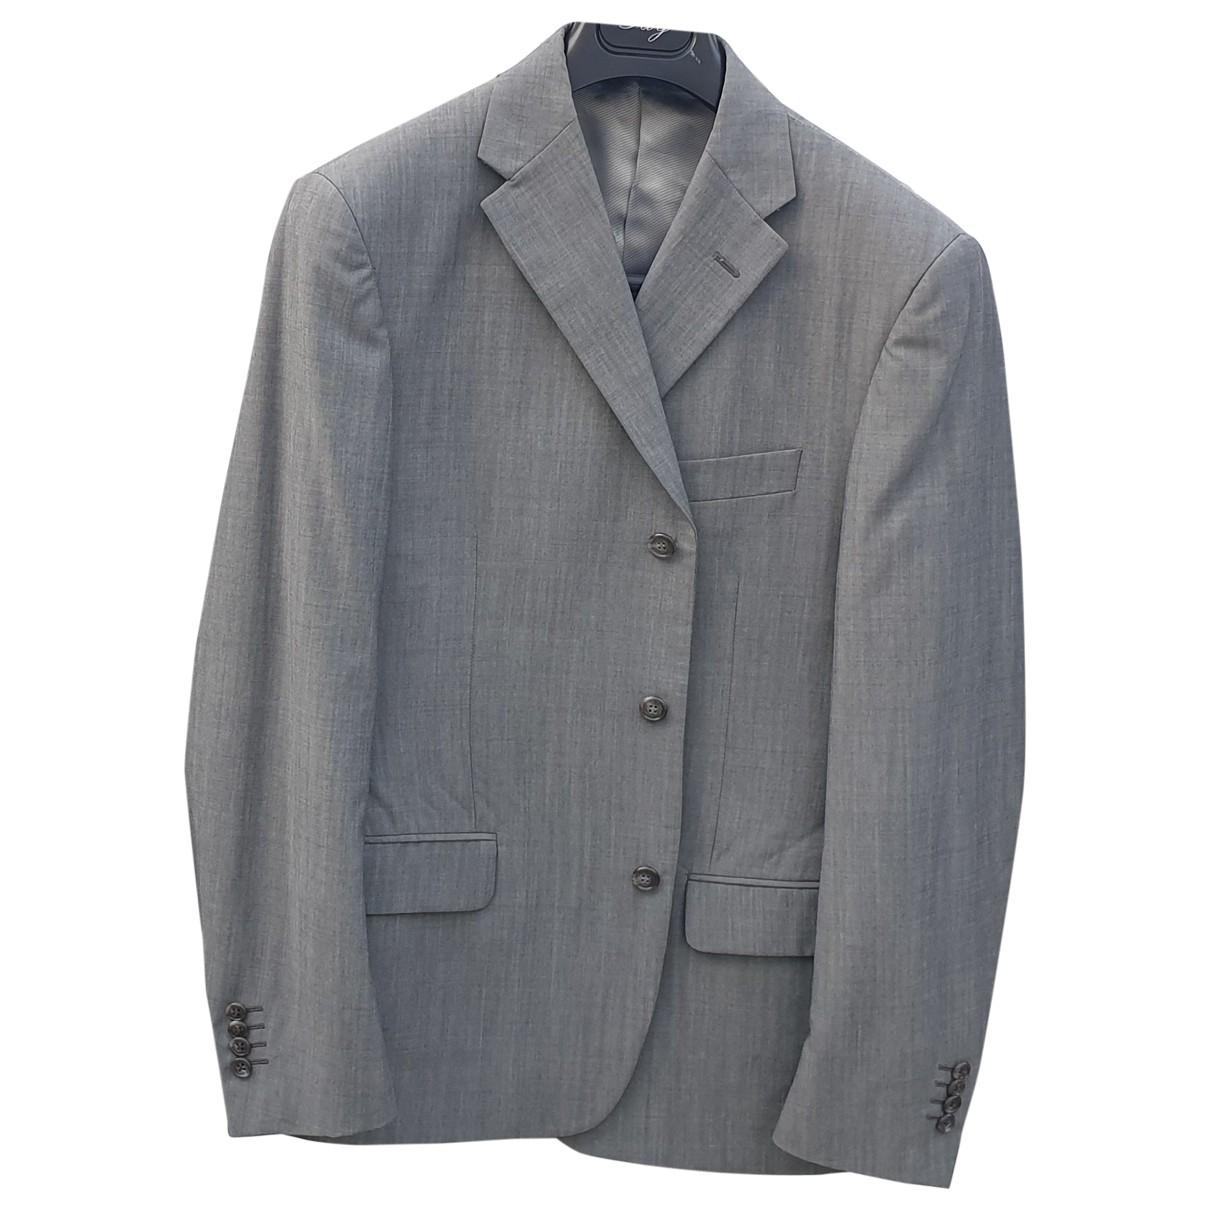 Corneliani \N Anzuege in  Grau Wolle